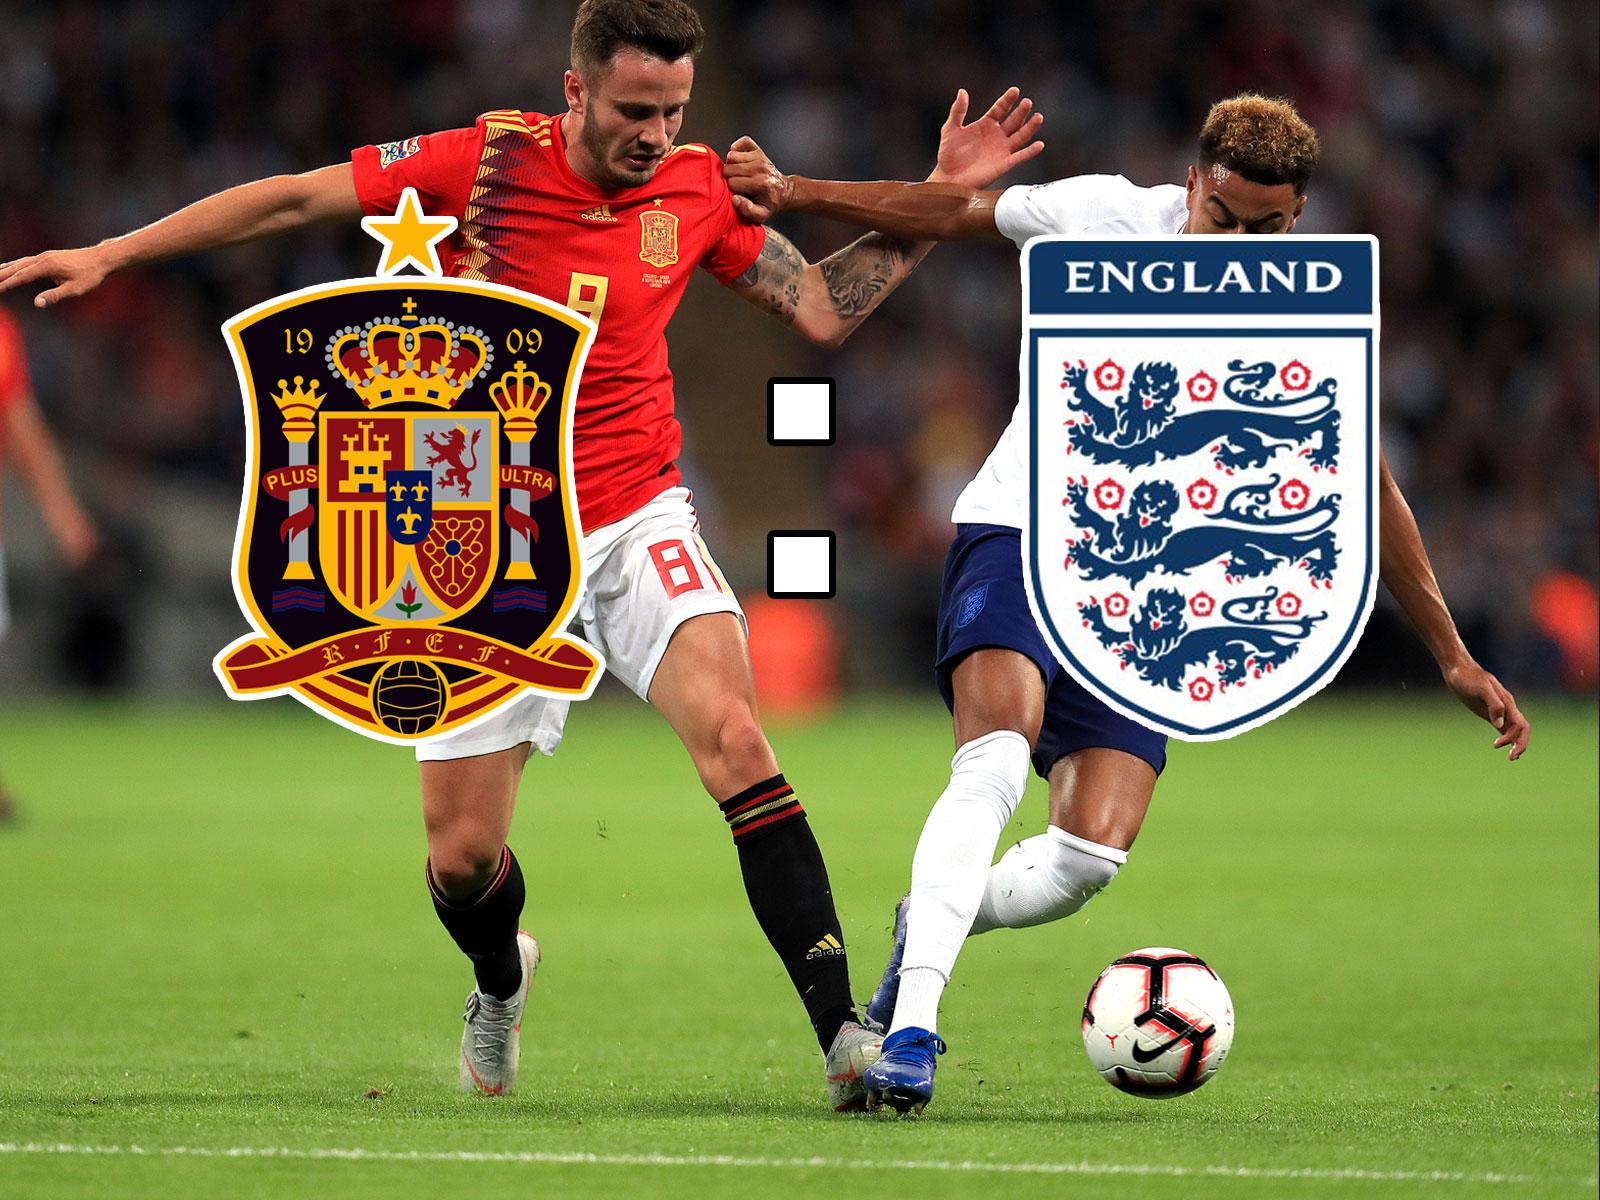 Spanien musste in der Nations League gegen England eine bittere Niederlage einstecken.